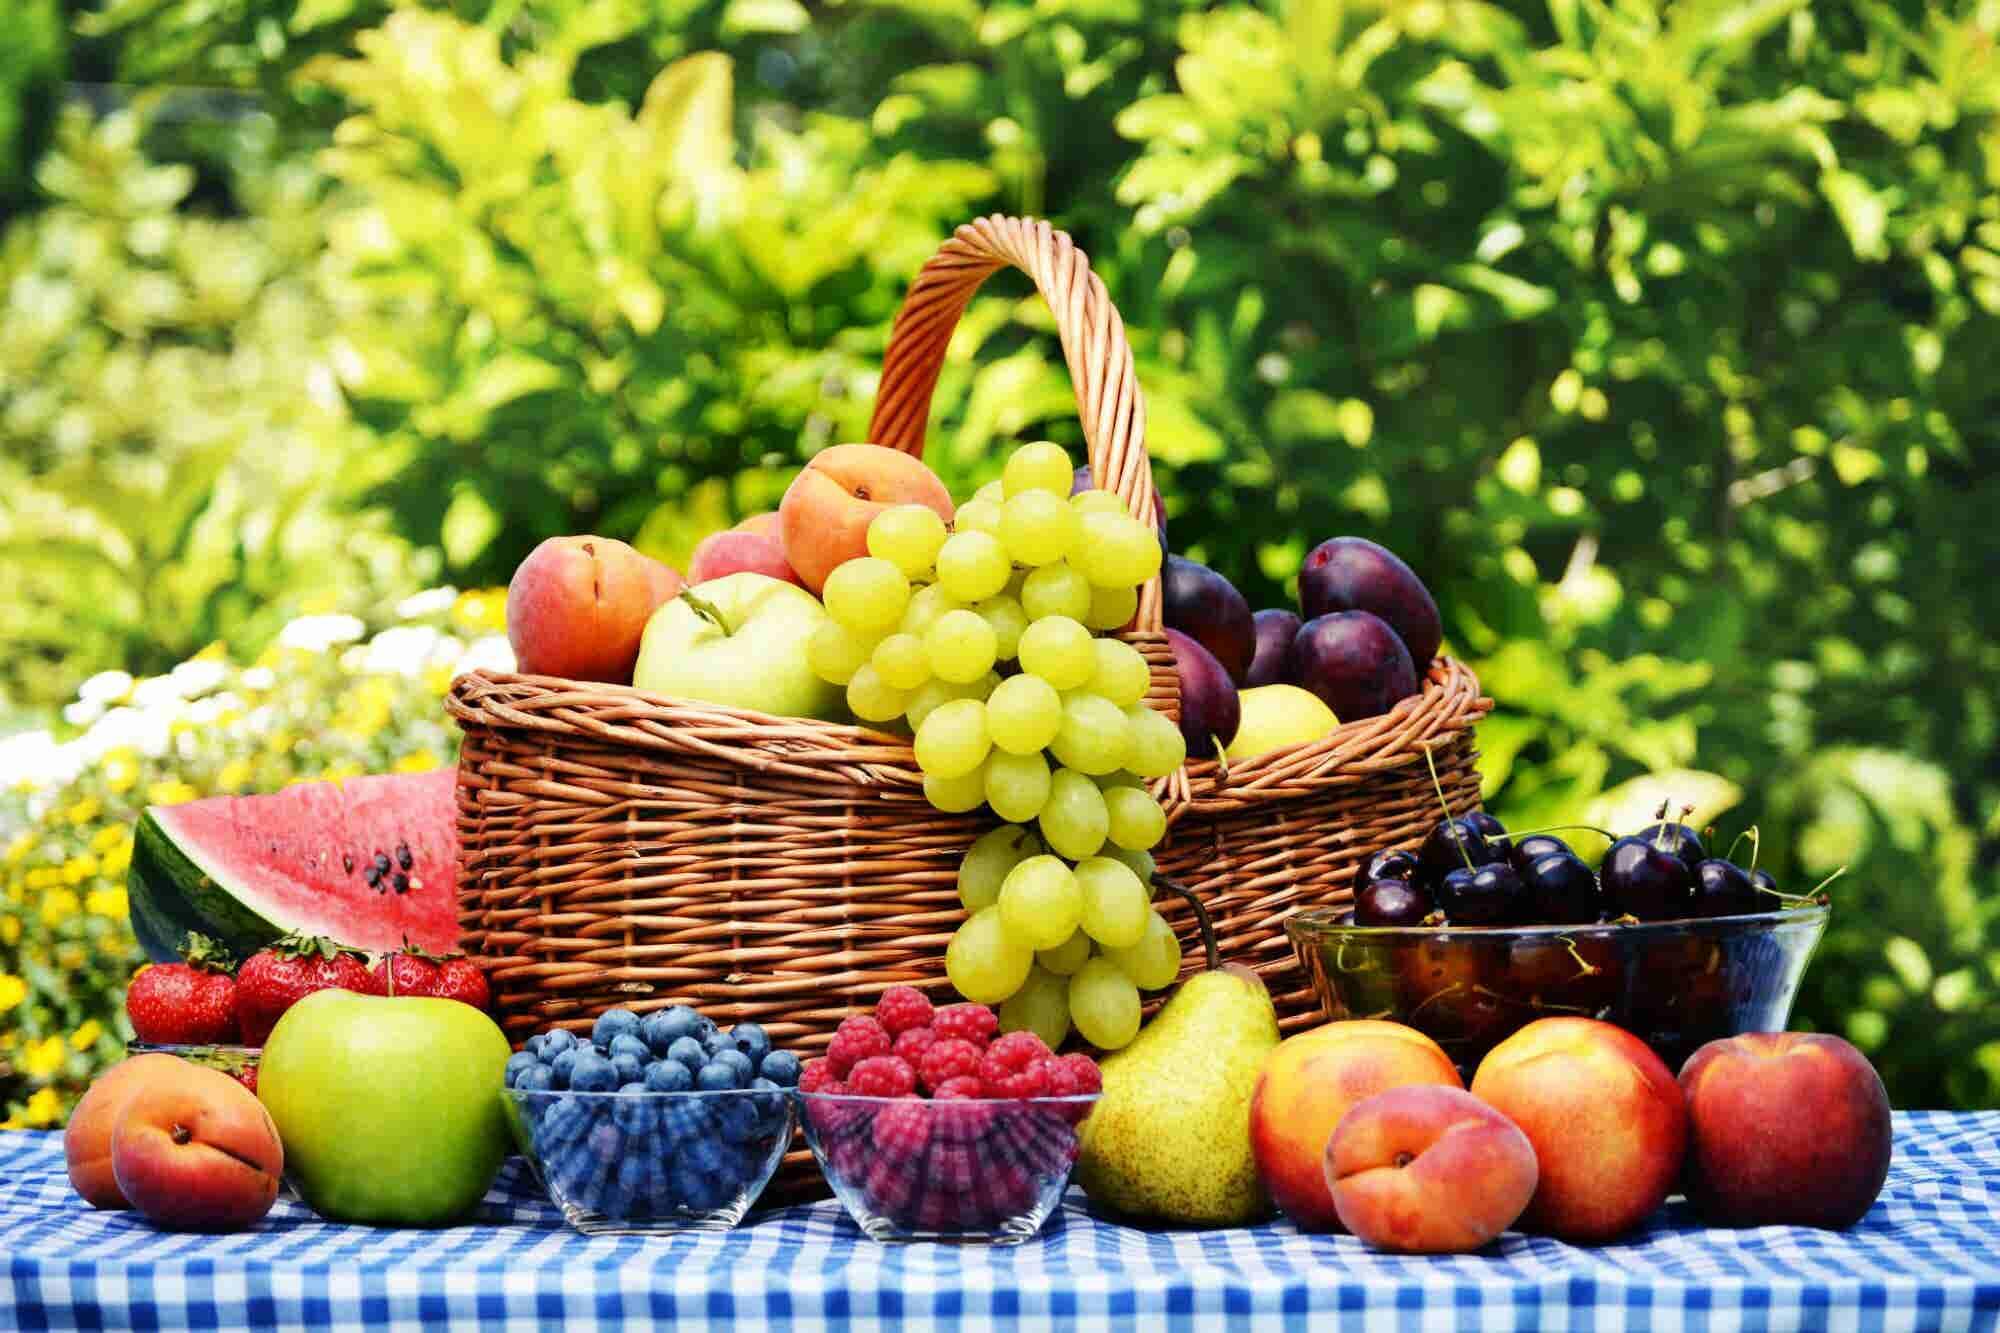 隆Idea de negocio! Vende frutas y verduras org谩nicas a domicilio